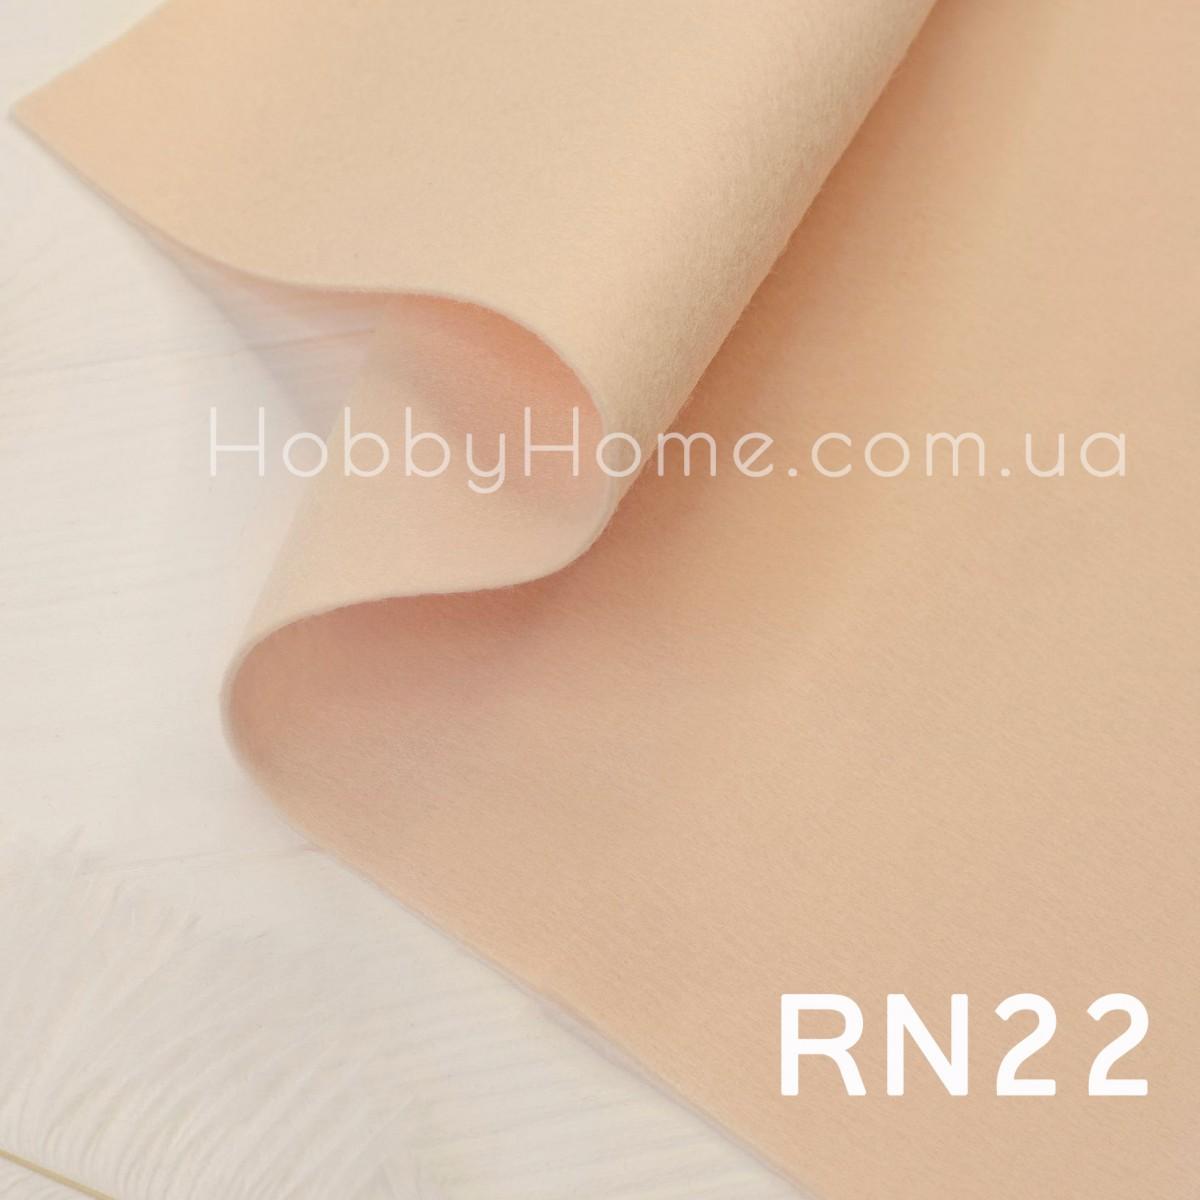 Фетр корейський м'який 1,2мм RN22 Ніжно тілесний